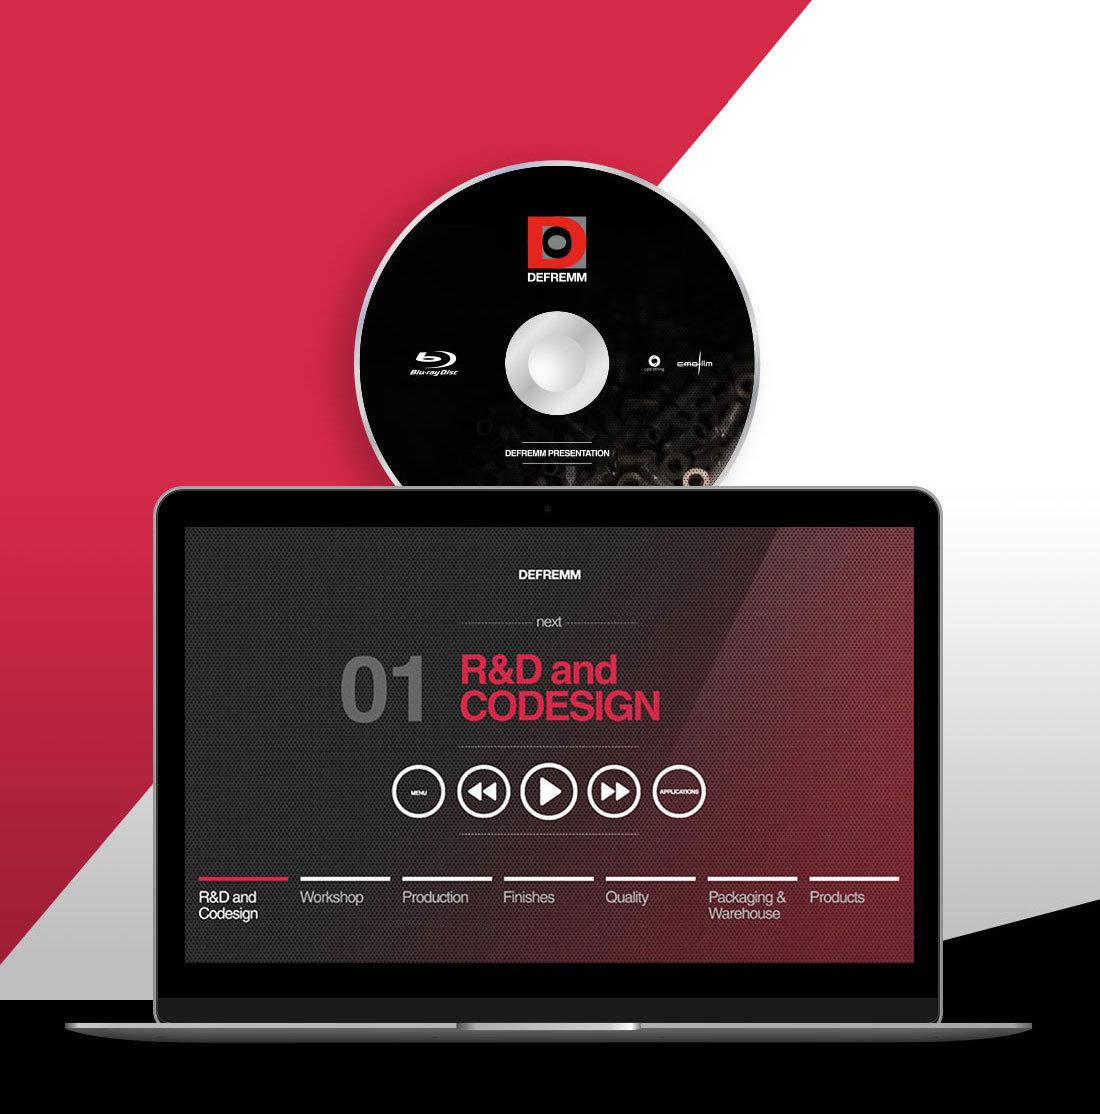 realizzazione video 3d aziendale Defremm